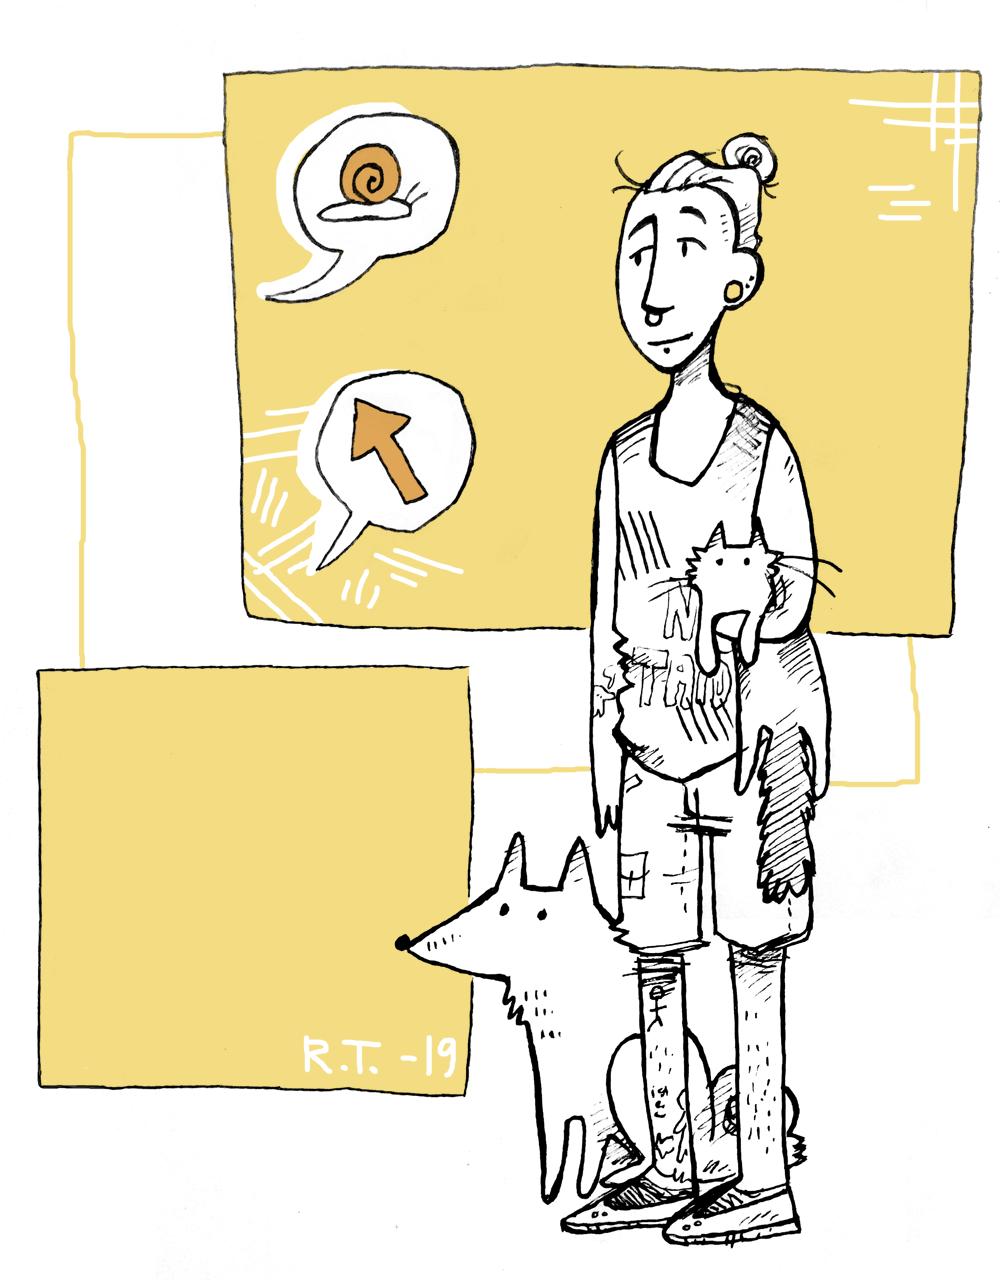 Piirretty hahmo jolla on kissa kainalossaan ja koira vierellään seisoo etualalla. Takana kaksi oranssia neliötä joista ylimmäisessä etanan ja nuolen kuvat valkoisissa puhekuplissa.